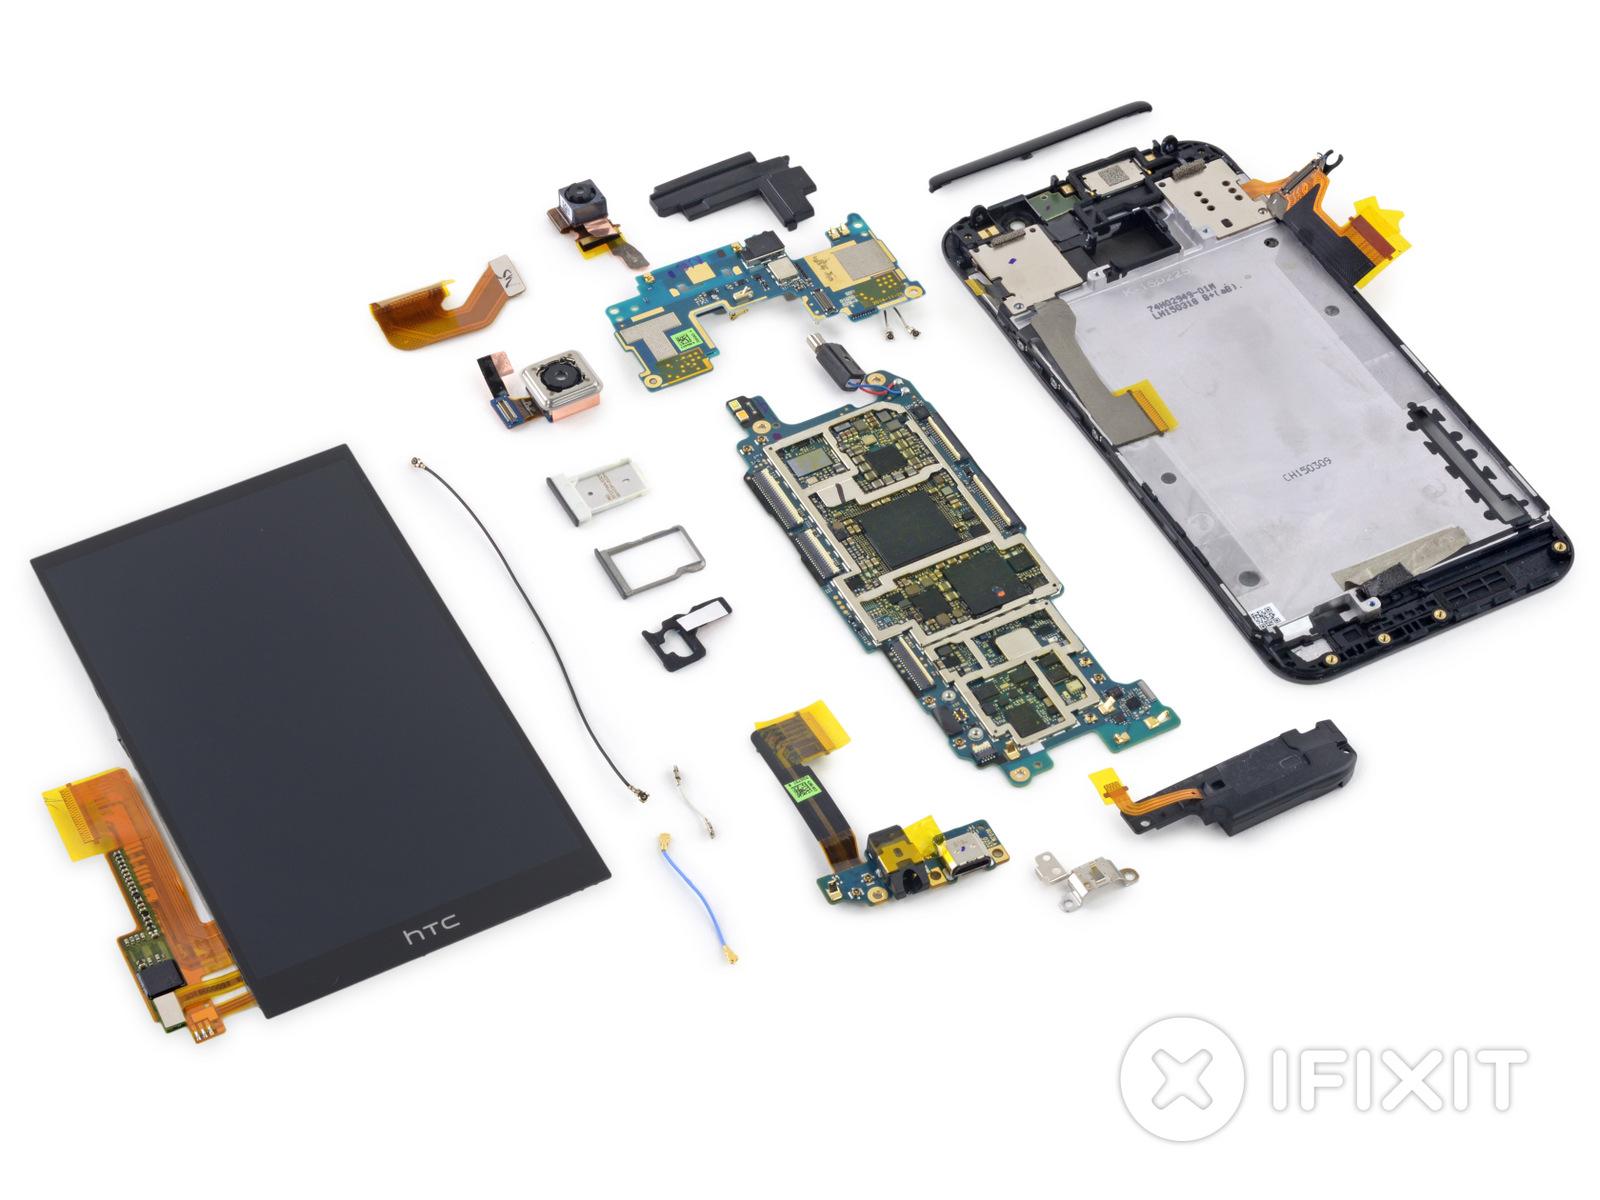 HTC One M9 : ce n'est pas beau à l'intérieur